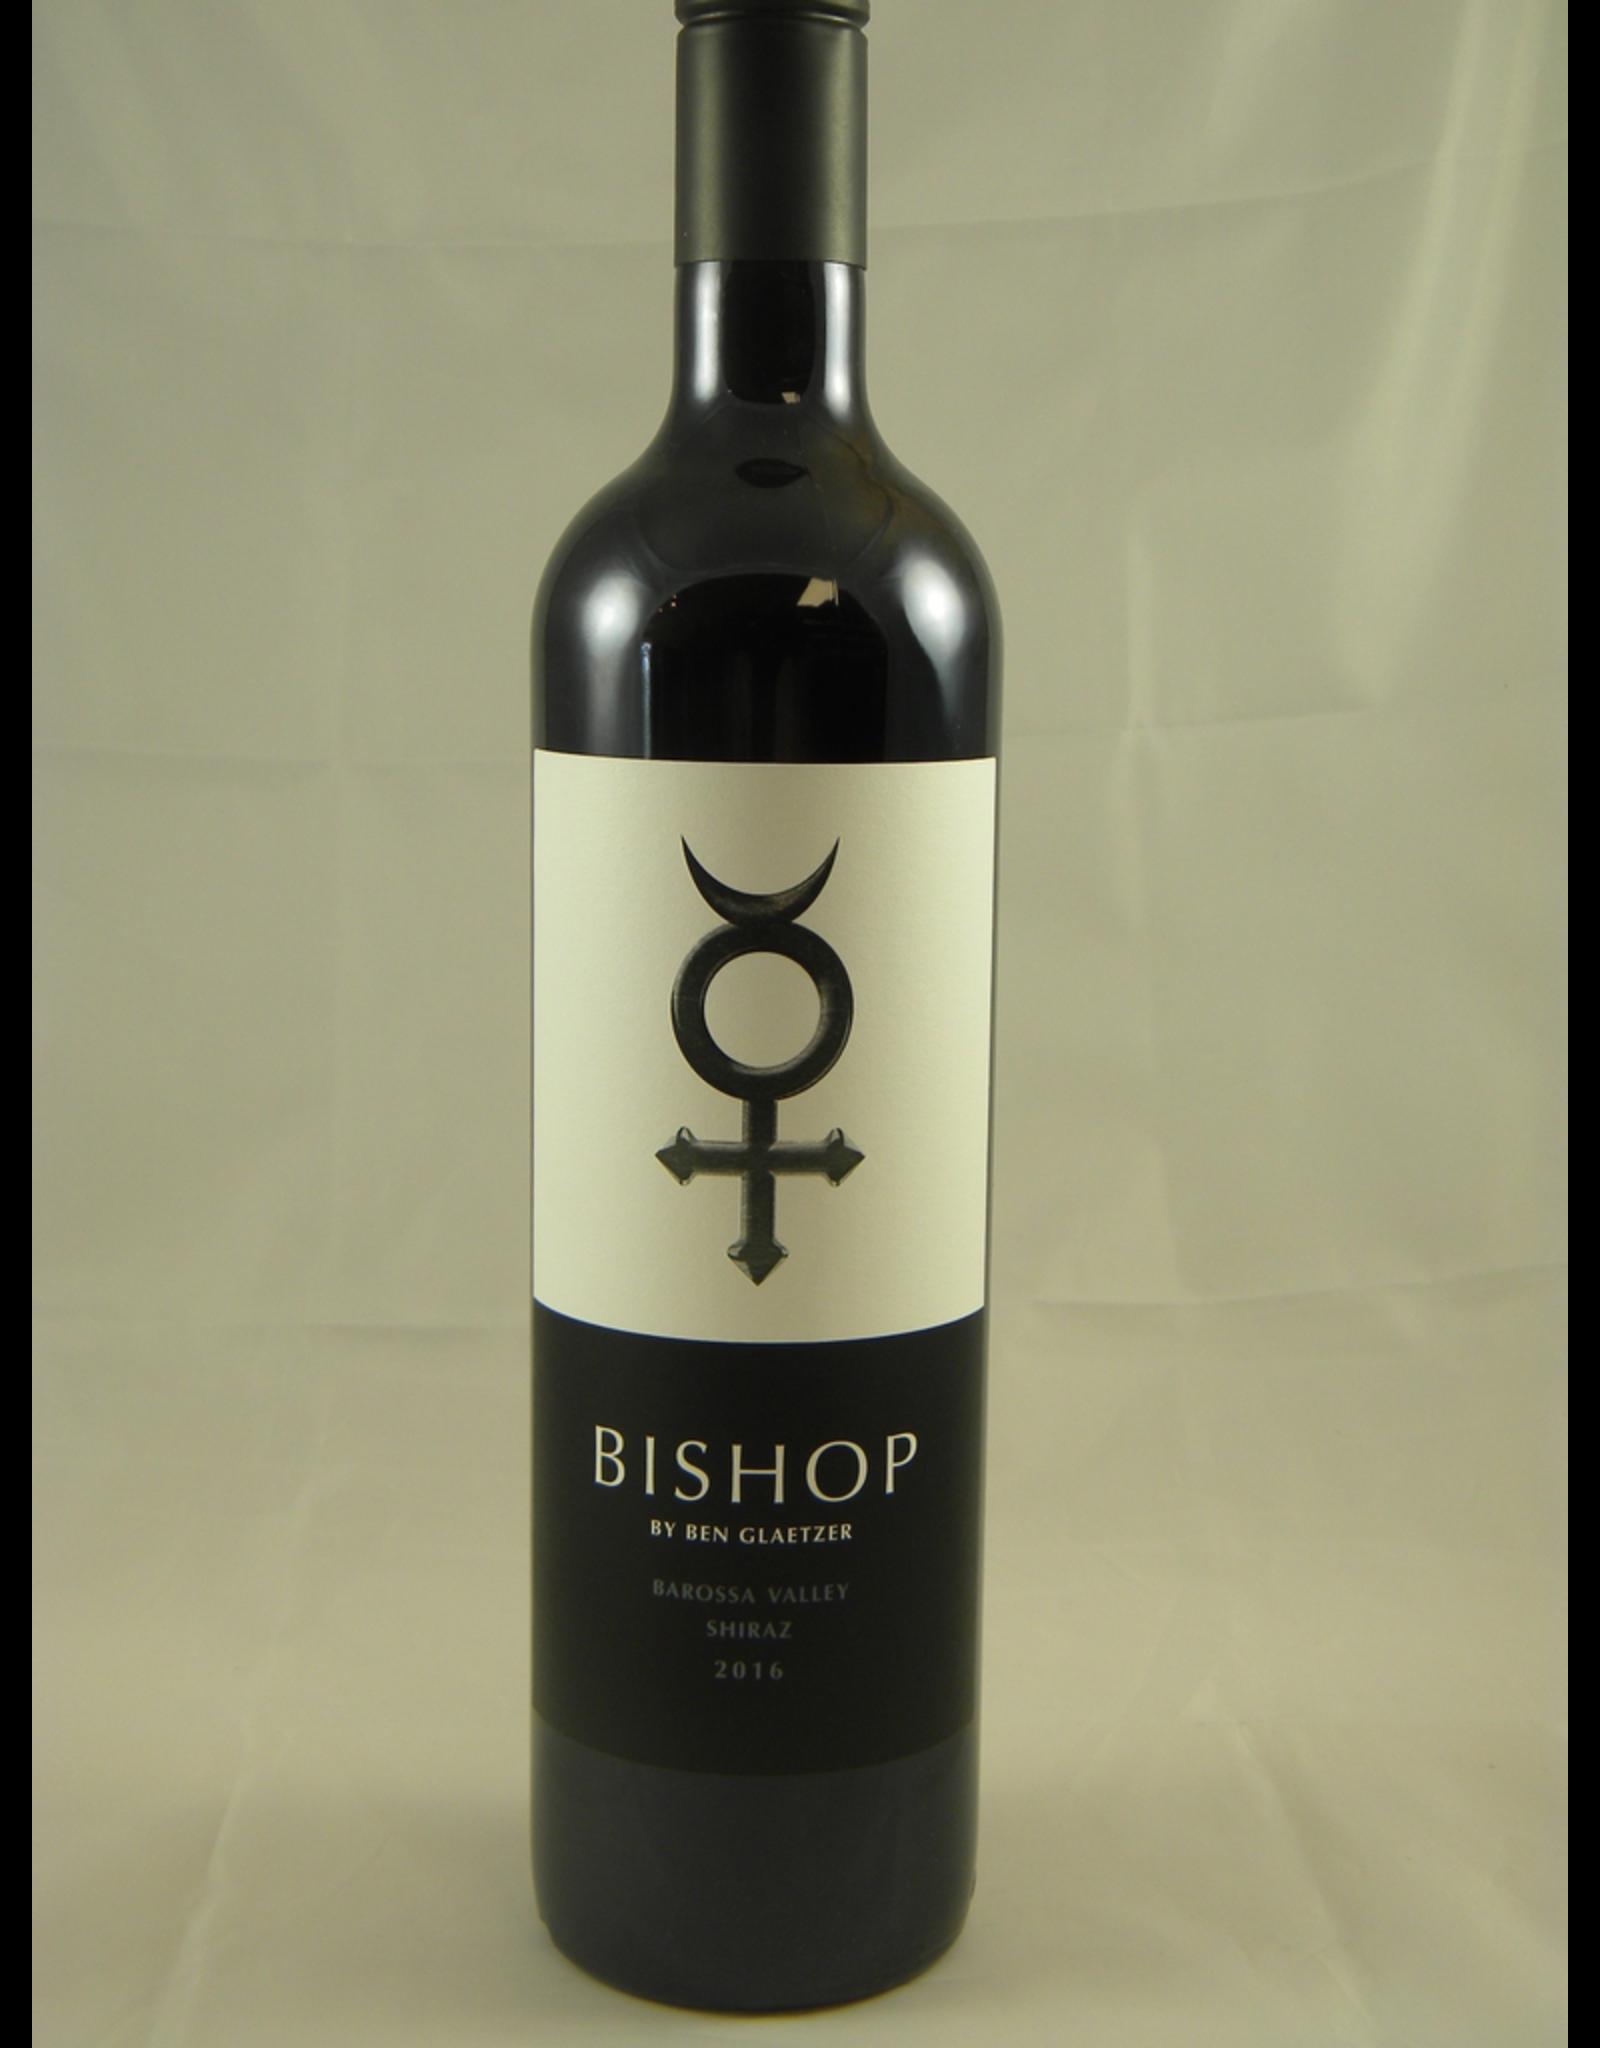 Glaetzer Glaetzer Shiraz Barossa Valley Bishop 2016